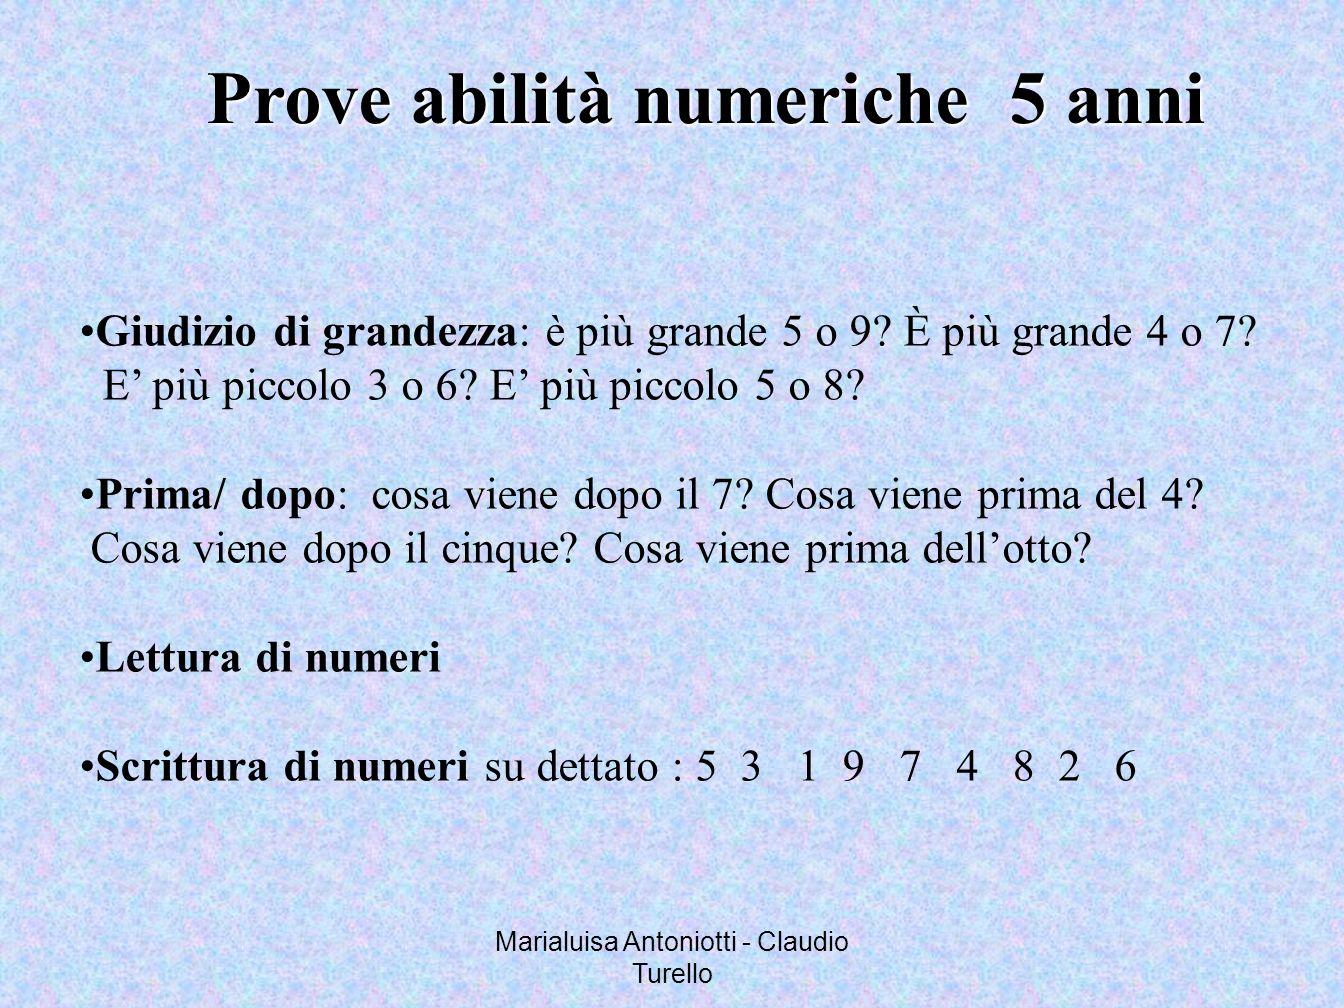 Marialuisa Antoniotti - Claudio Turello Prove abilità numeriche 5 anni Giudizio di grandezza: è più grande 5 o 9? È più grande 4 o 7? E più piccolo 3